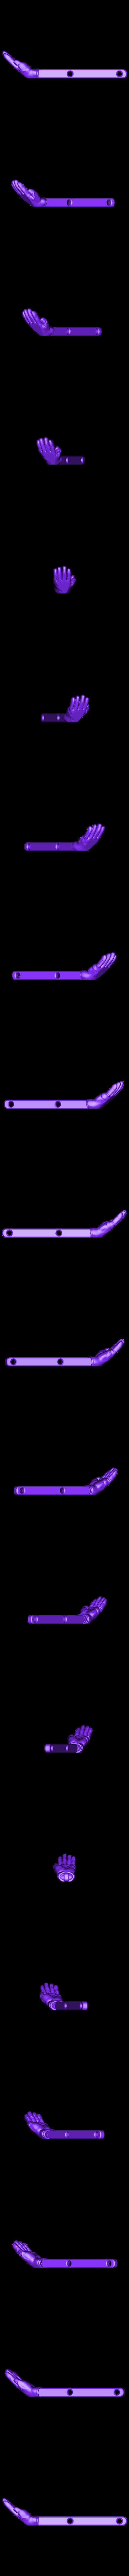 Glove_Right_dmdf.OBJ Download free OBJ file Scissor Hands • 3D printable design, Nairobiguy3D